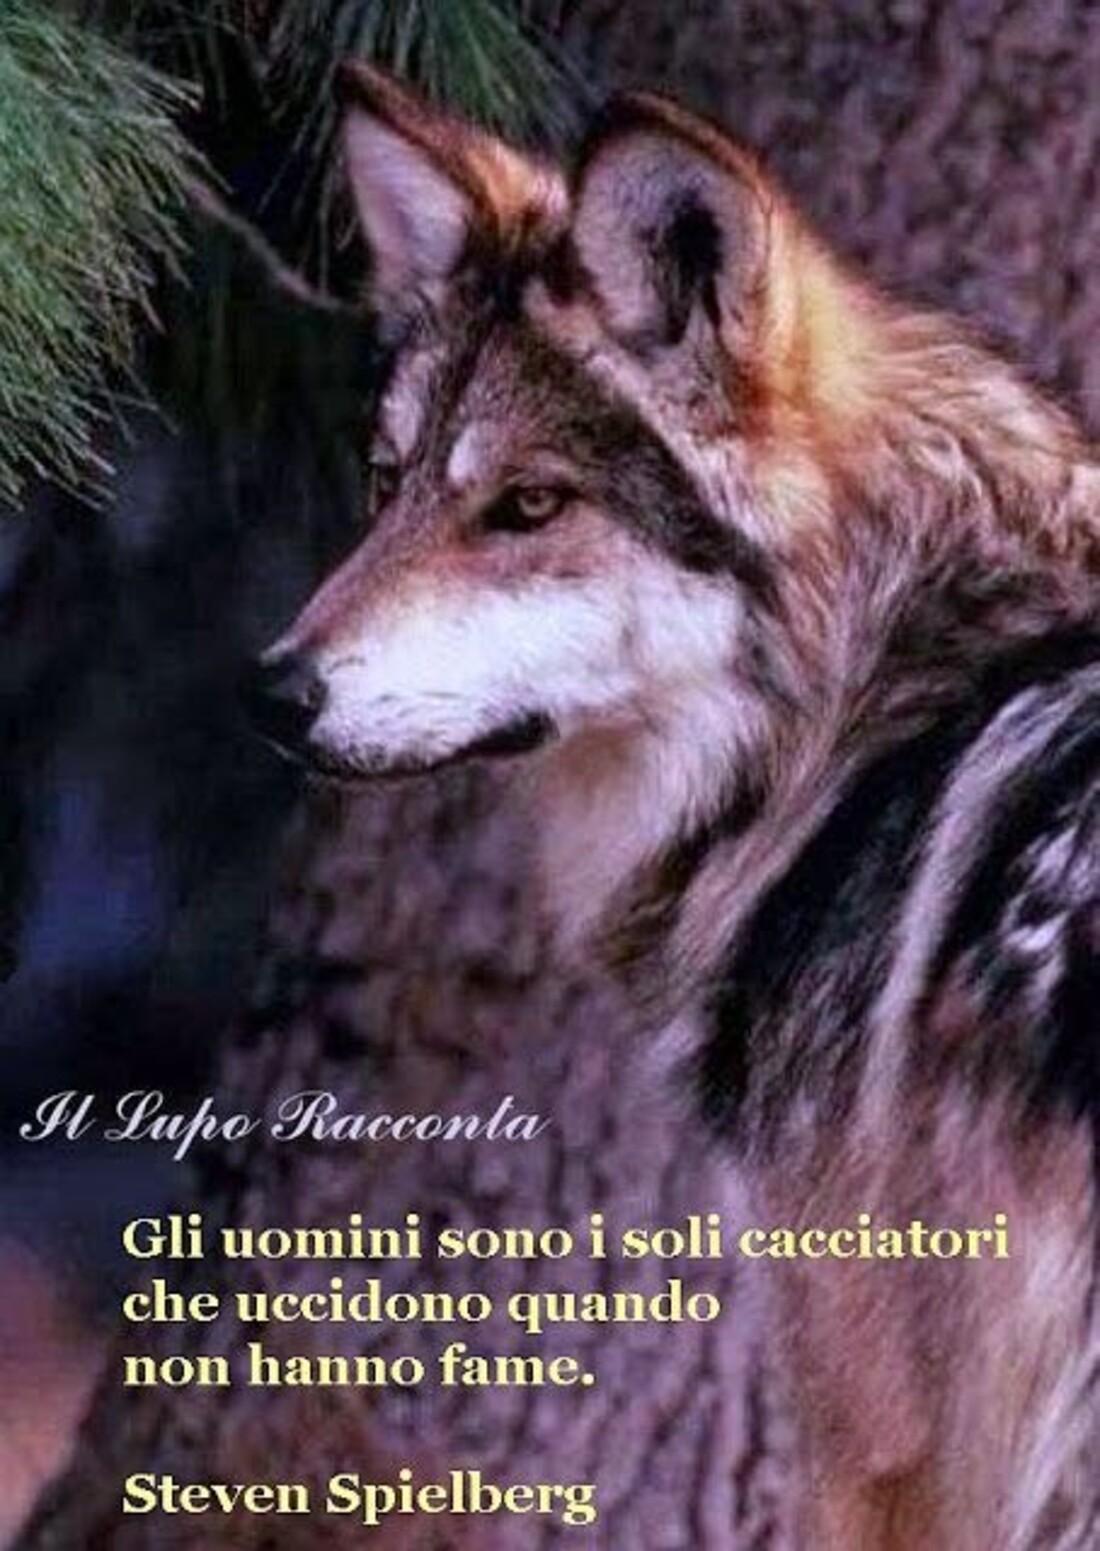 Gli uomini sono i soli cacciatori che uccidono quando non hanno fame. - Steven Spielberg